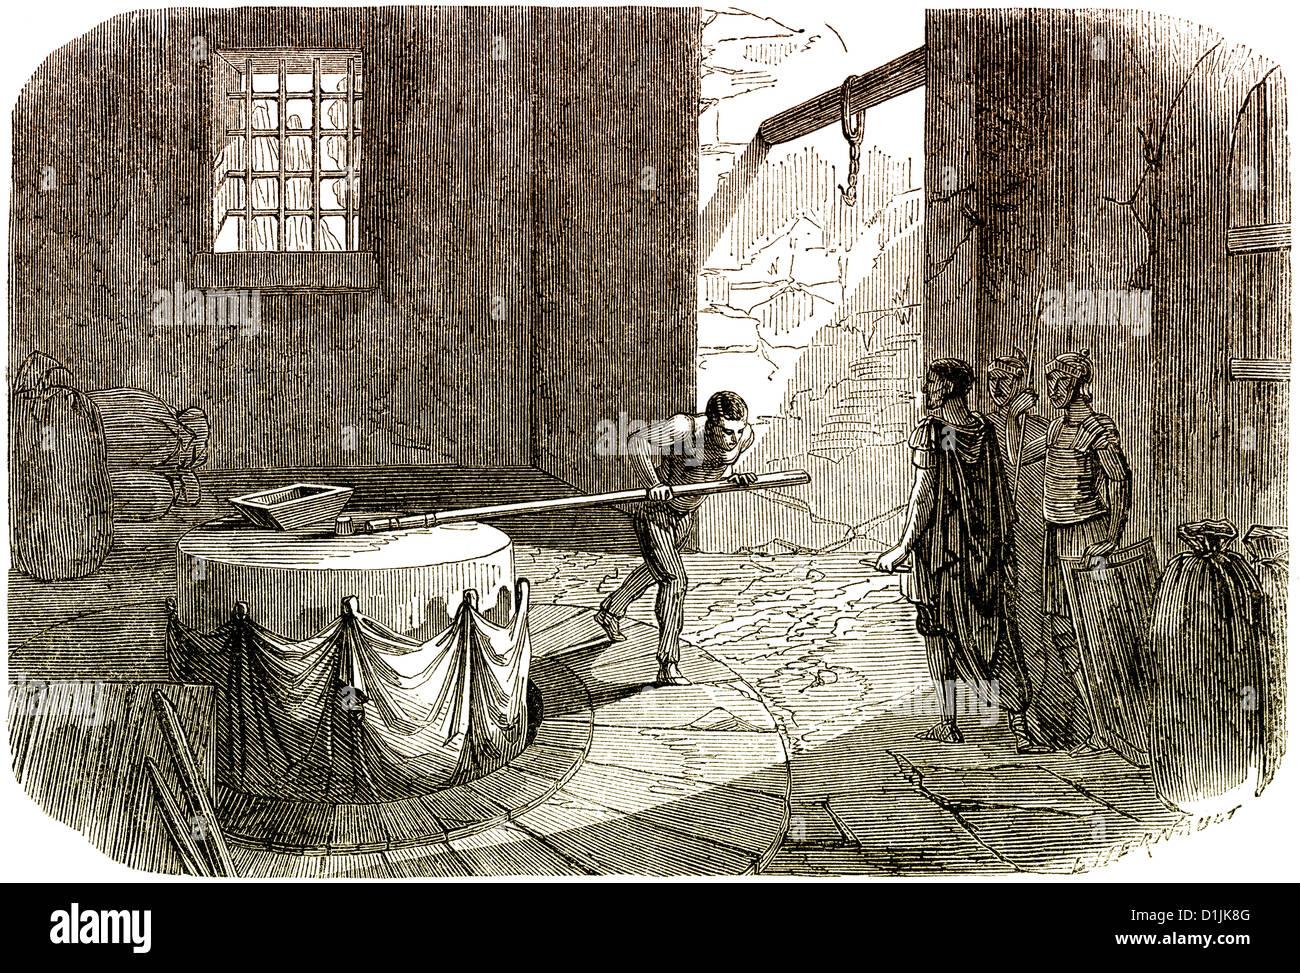 Las escenas de la historia de Francia, un hombre girando la rueda de un molino de la civilización galorromana Imagen De Stock